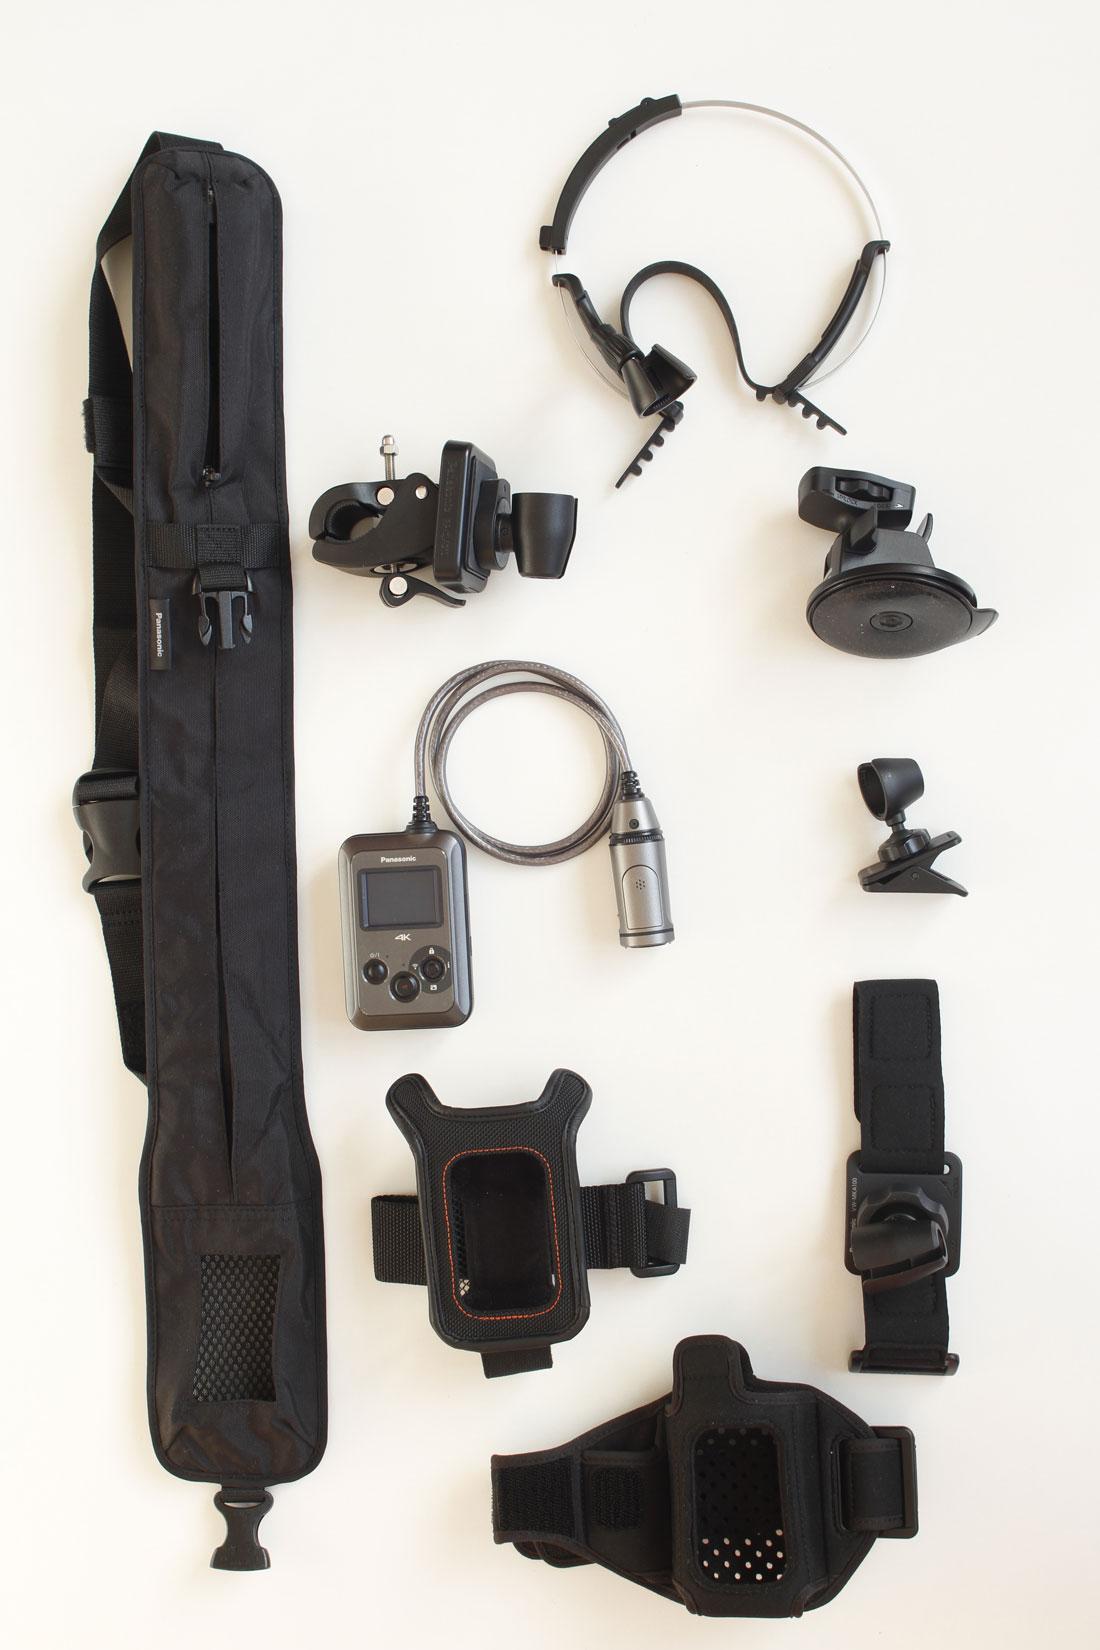 L'action cam Panasonic HX-A500 au milieu de ses accessoires, 12 2014. Ph. Moctar KANE.